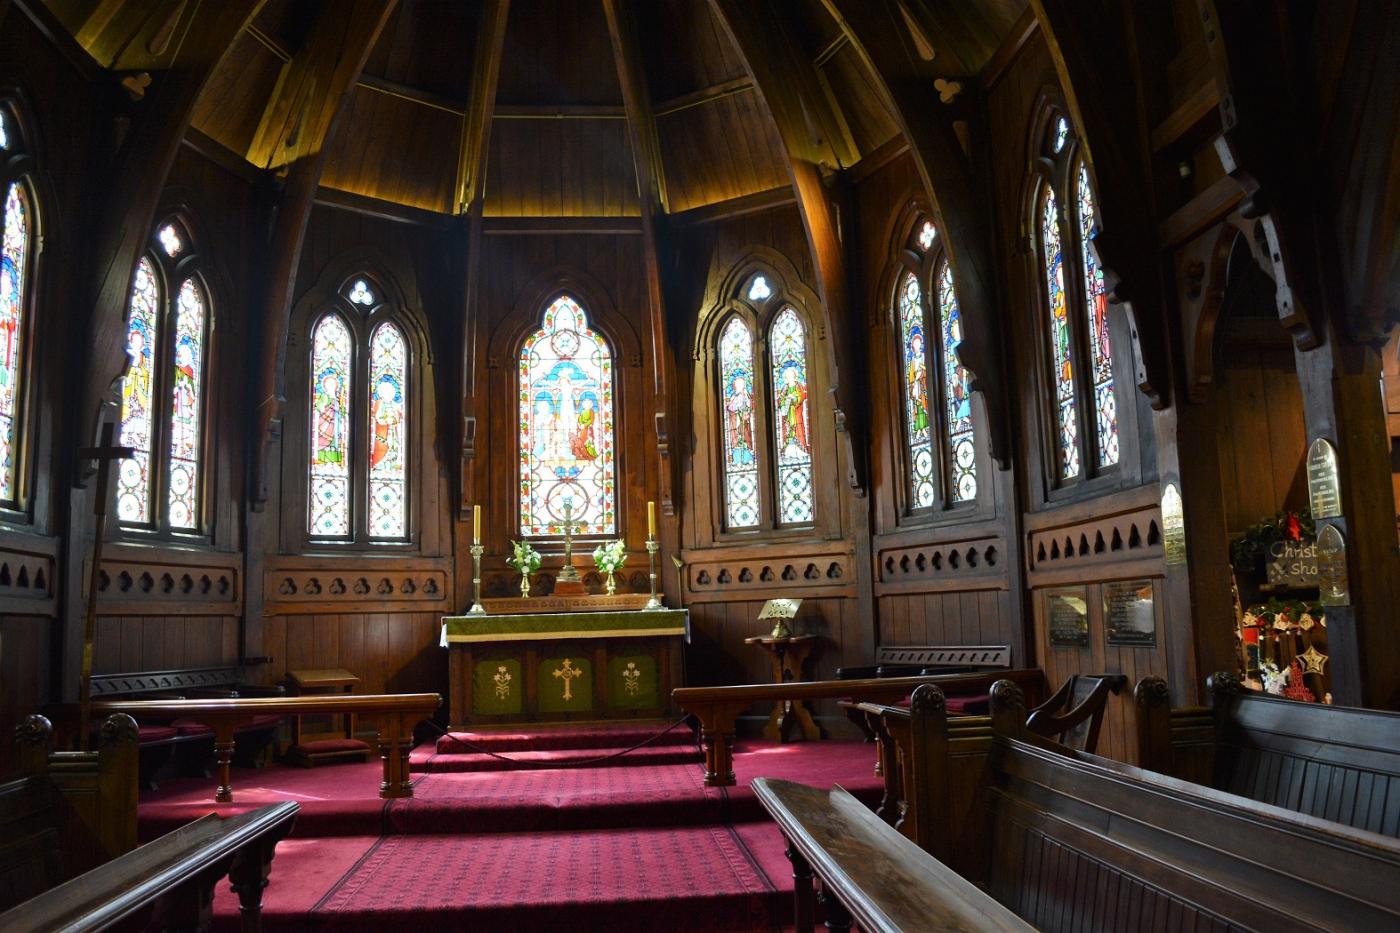 新西兰惠灵顿 Old St. Paul's 老圣保罗教堂_图1-3